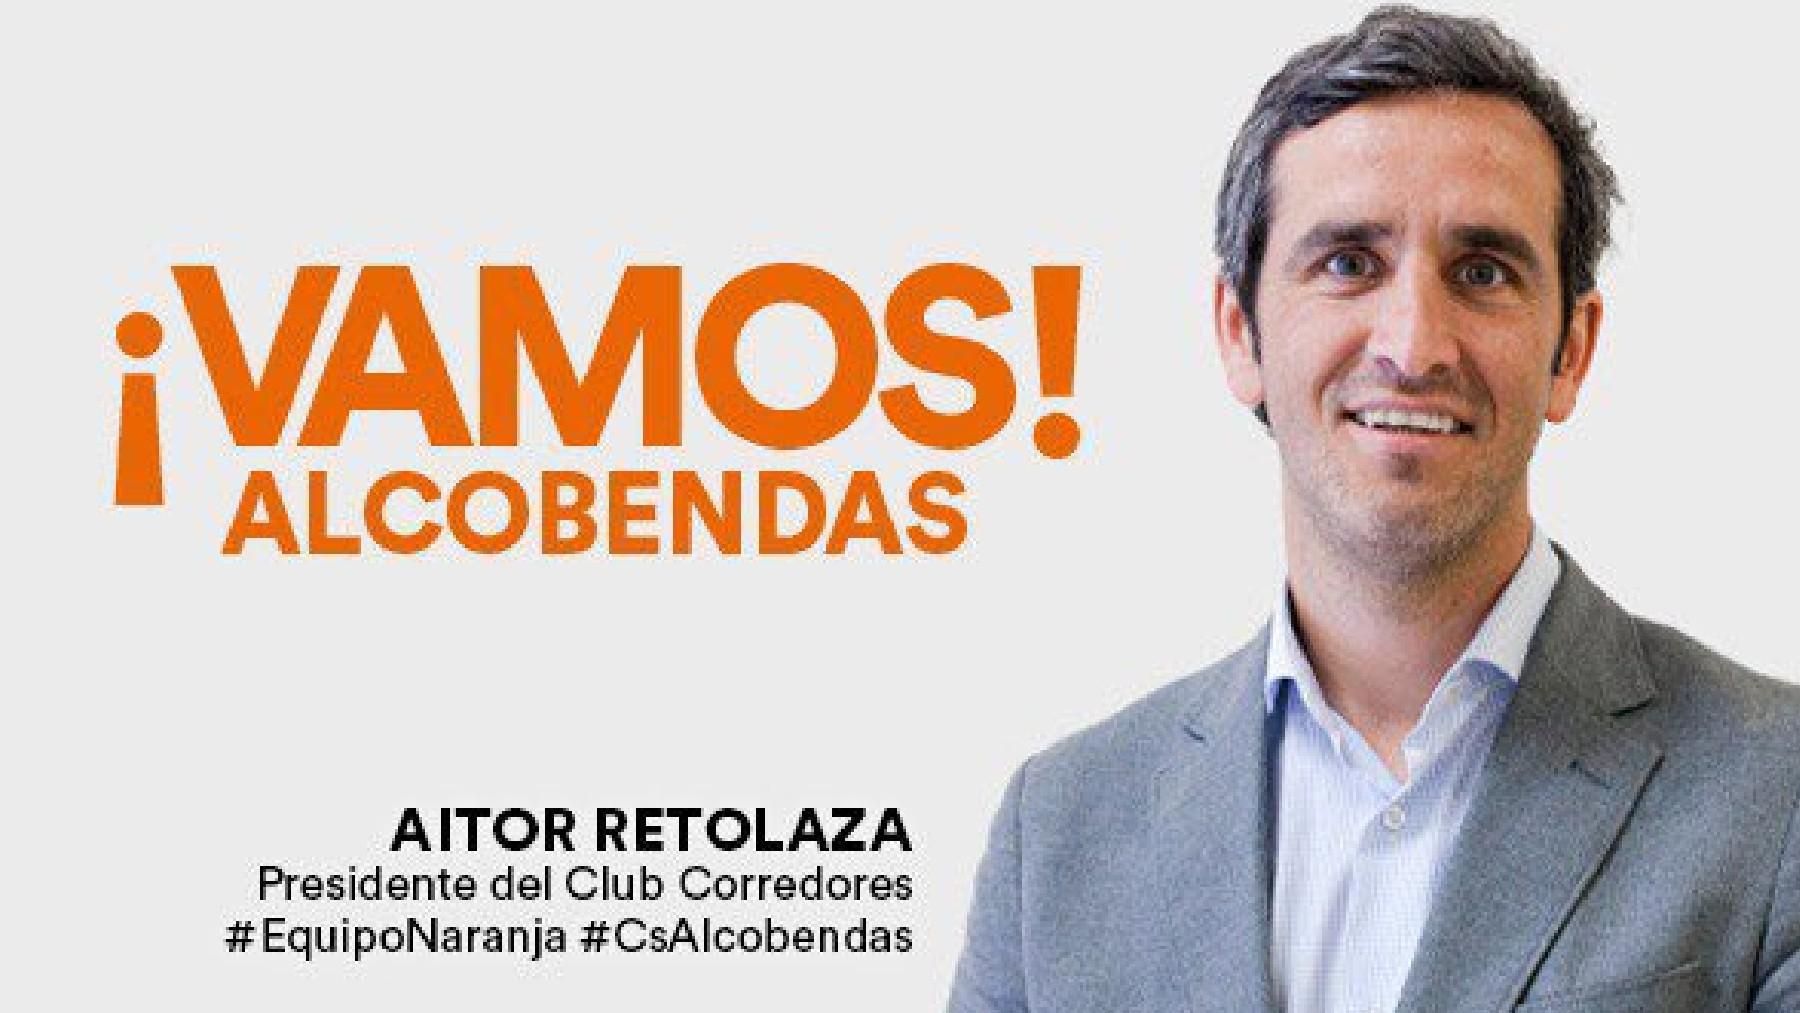 Cartel electoral de Aitor Retolaza en los comicios de 2019.